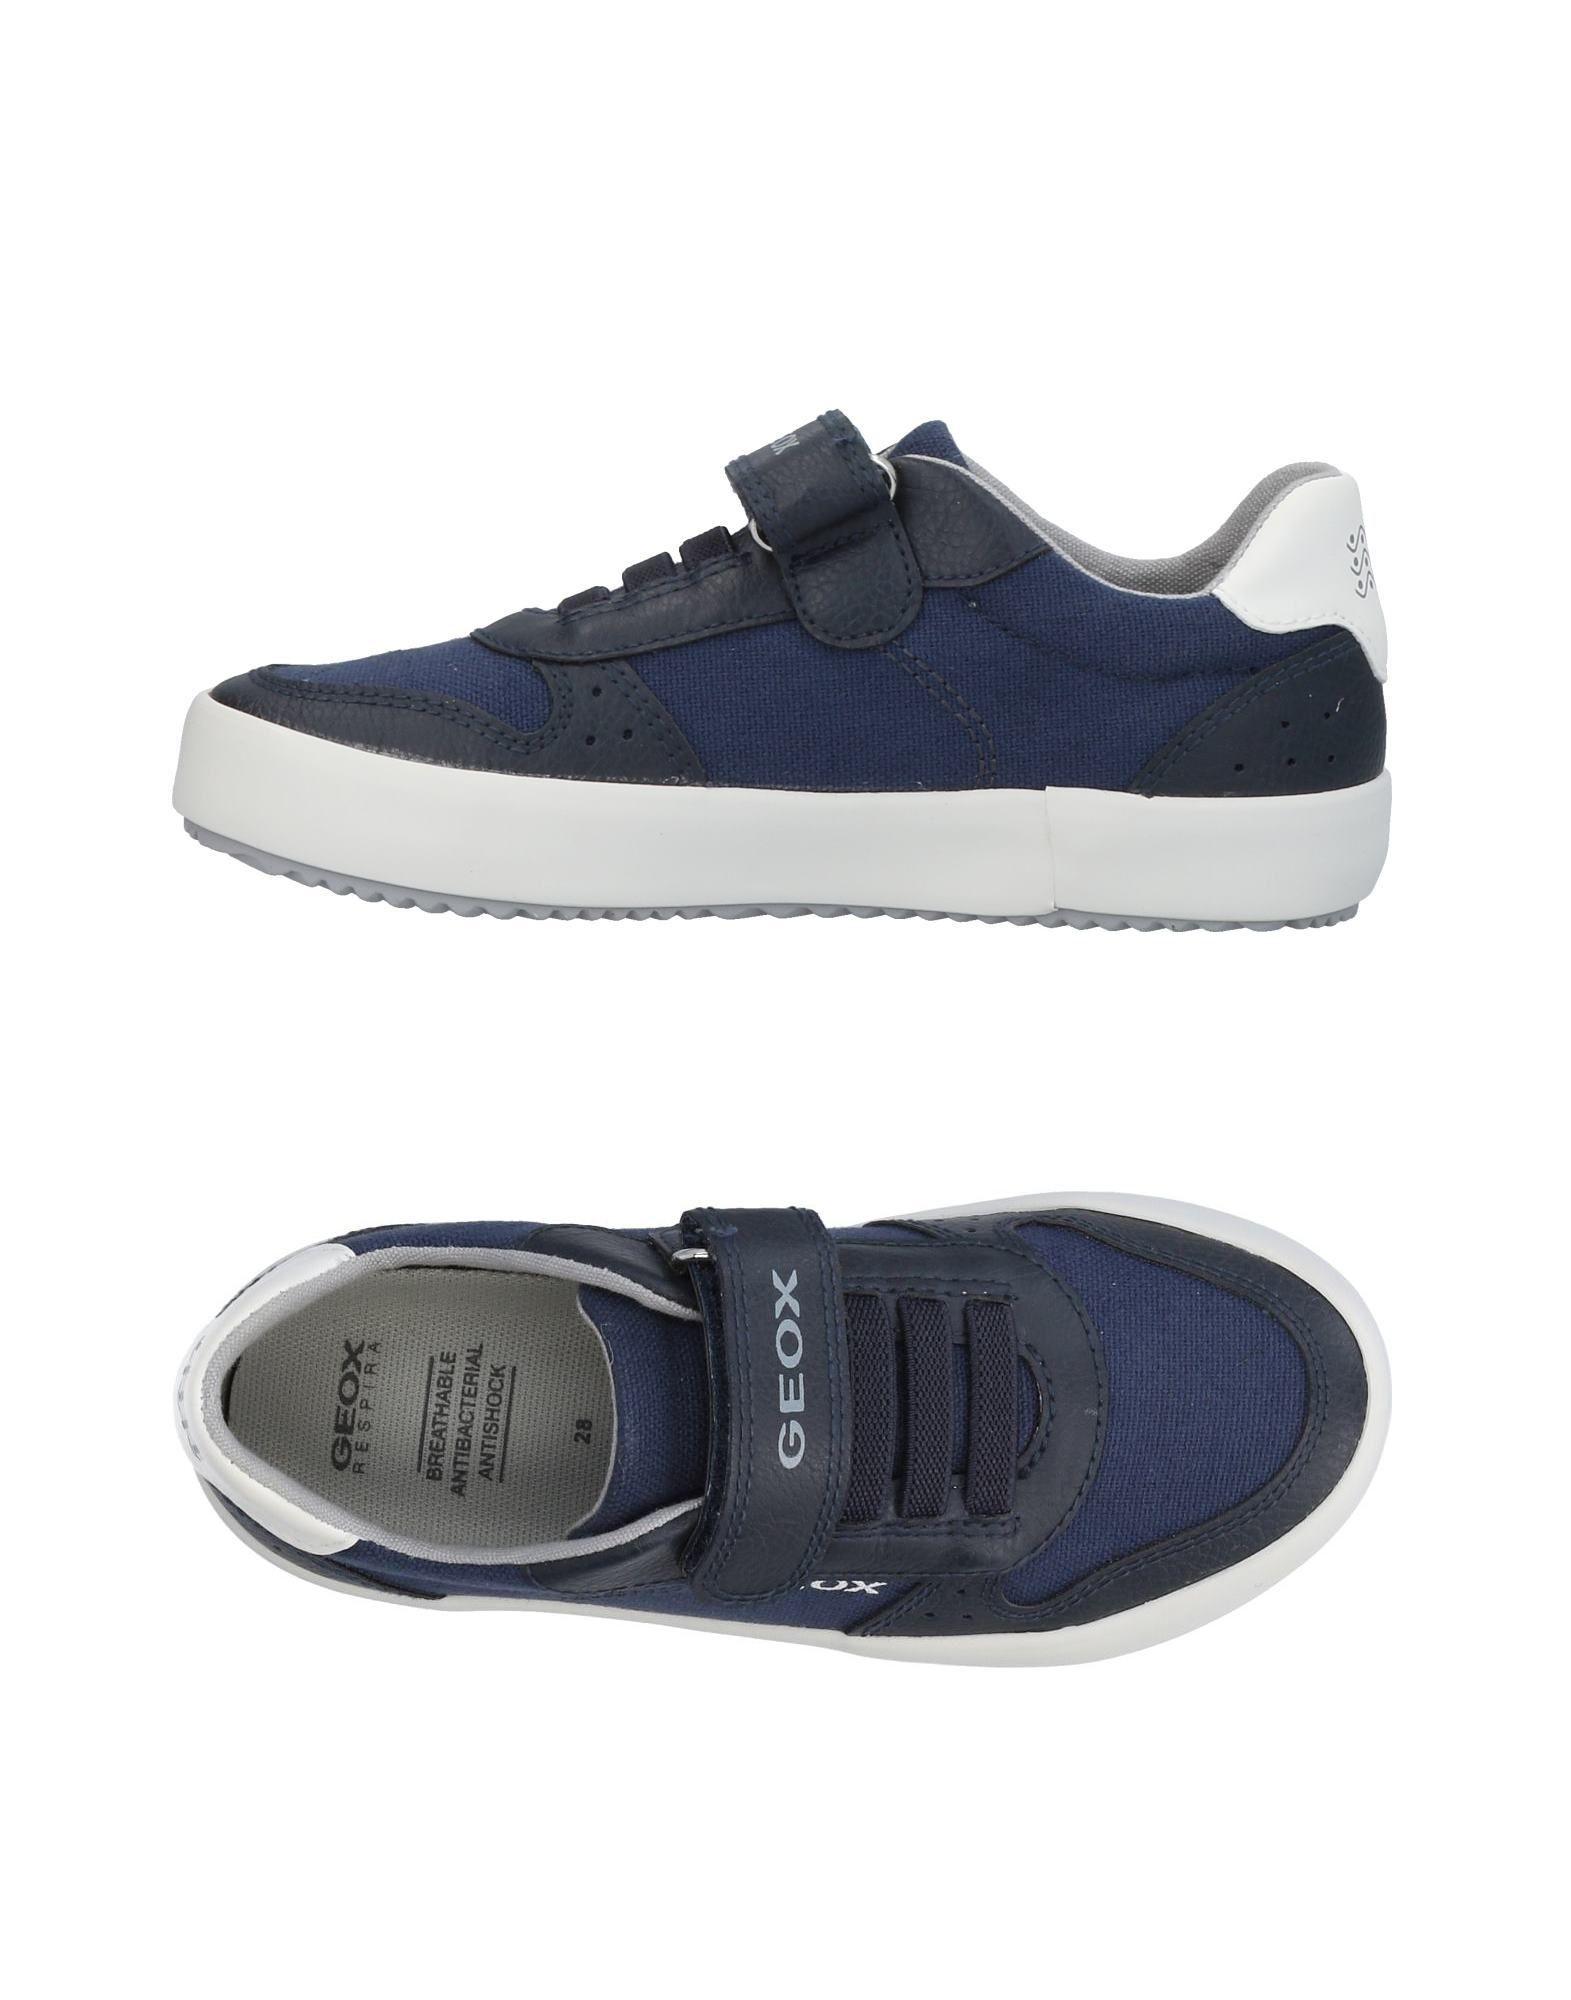 64e39e3f Niñas - Zapatos - Rebajas   Buyviu.com